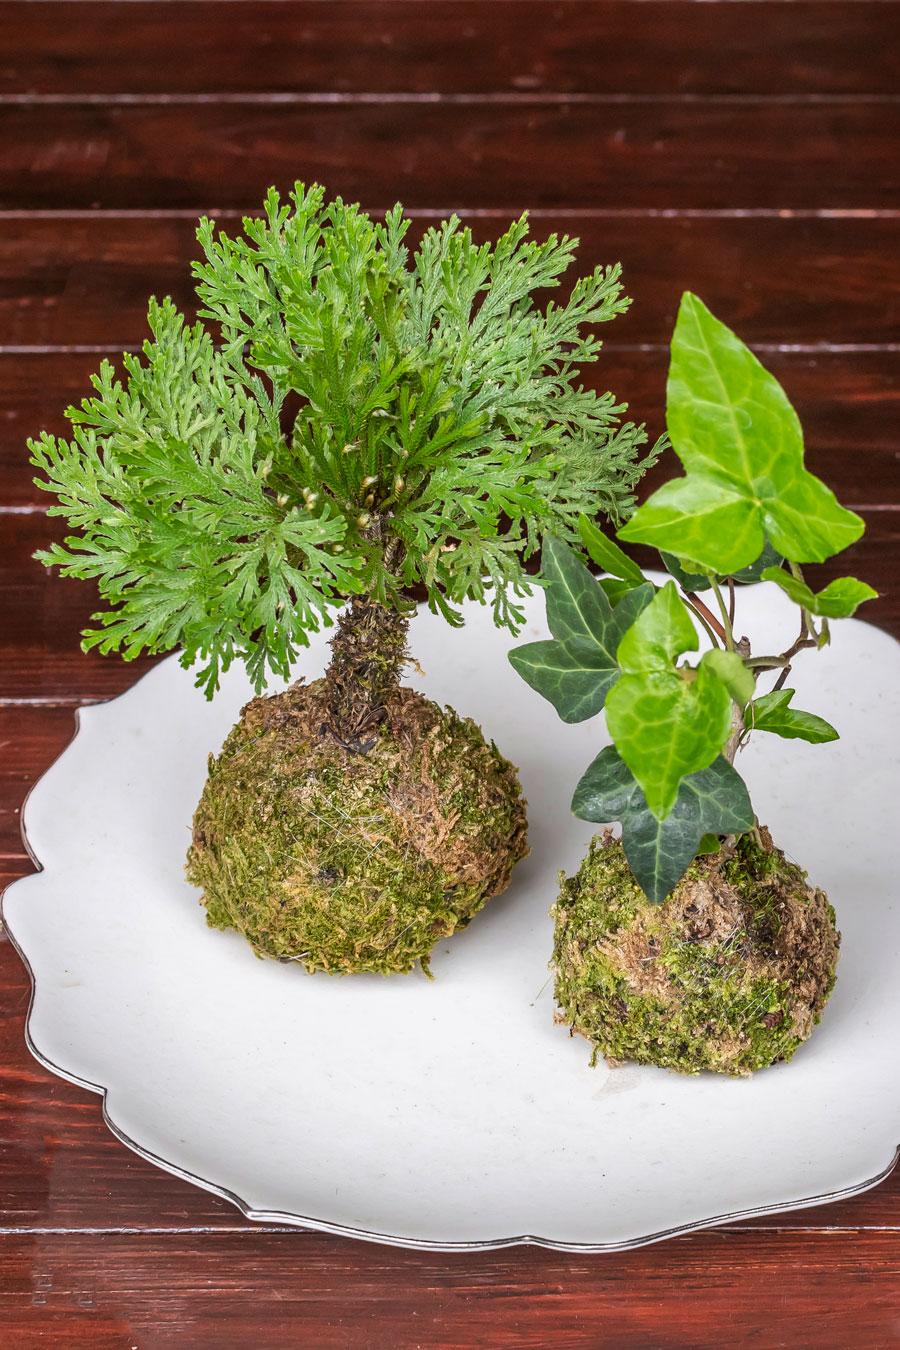 シダ植物のイワヒバ(左)に、観葉植物ヘデラ(右)。